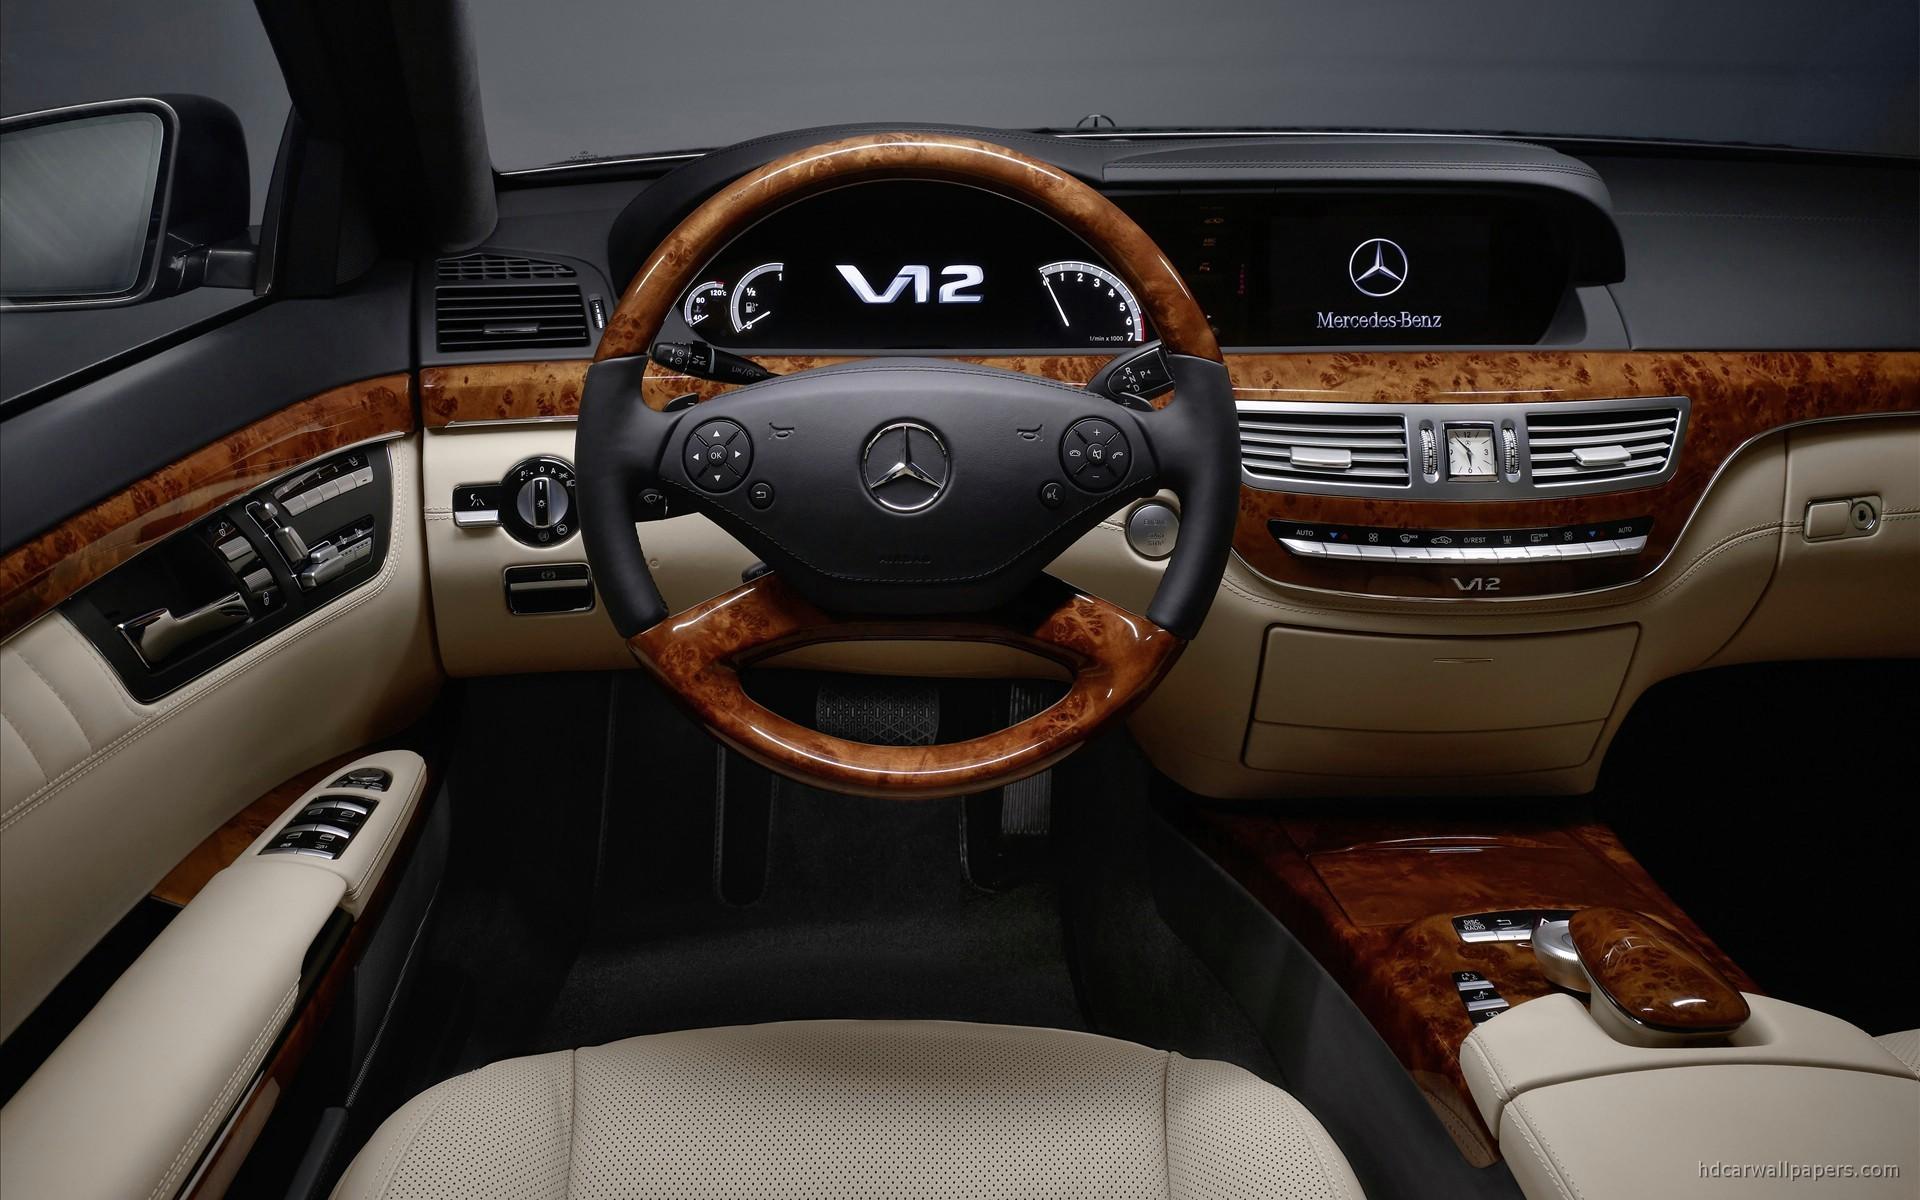 2010 Mercedes Benz S Class Interior Wallpaper | HD Car ...